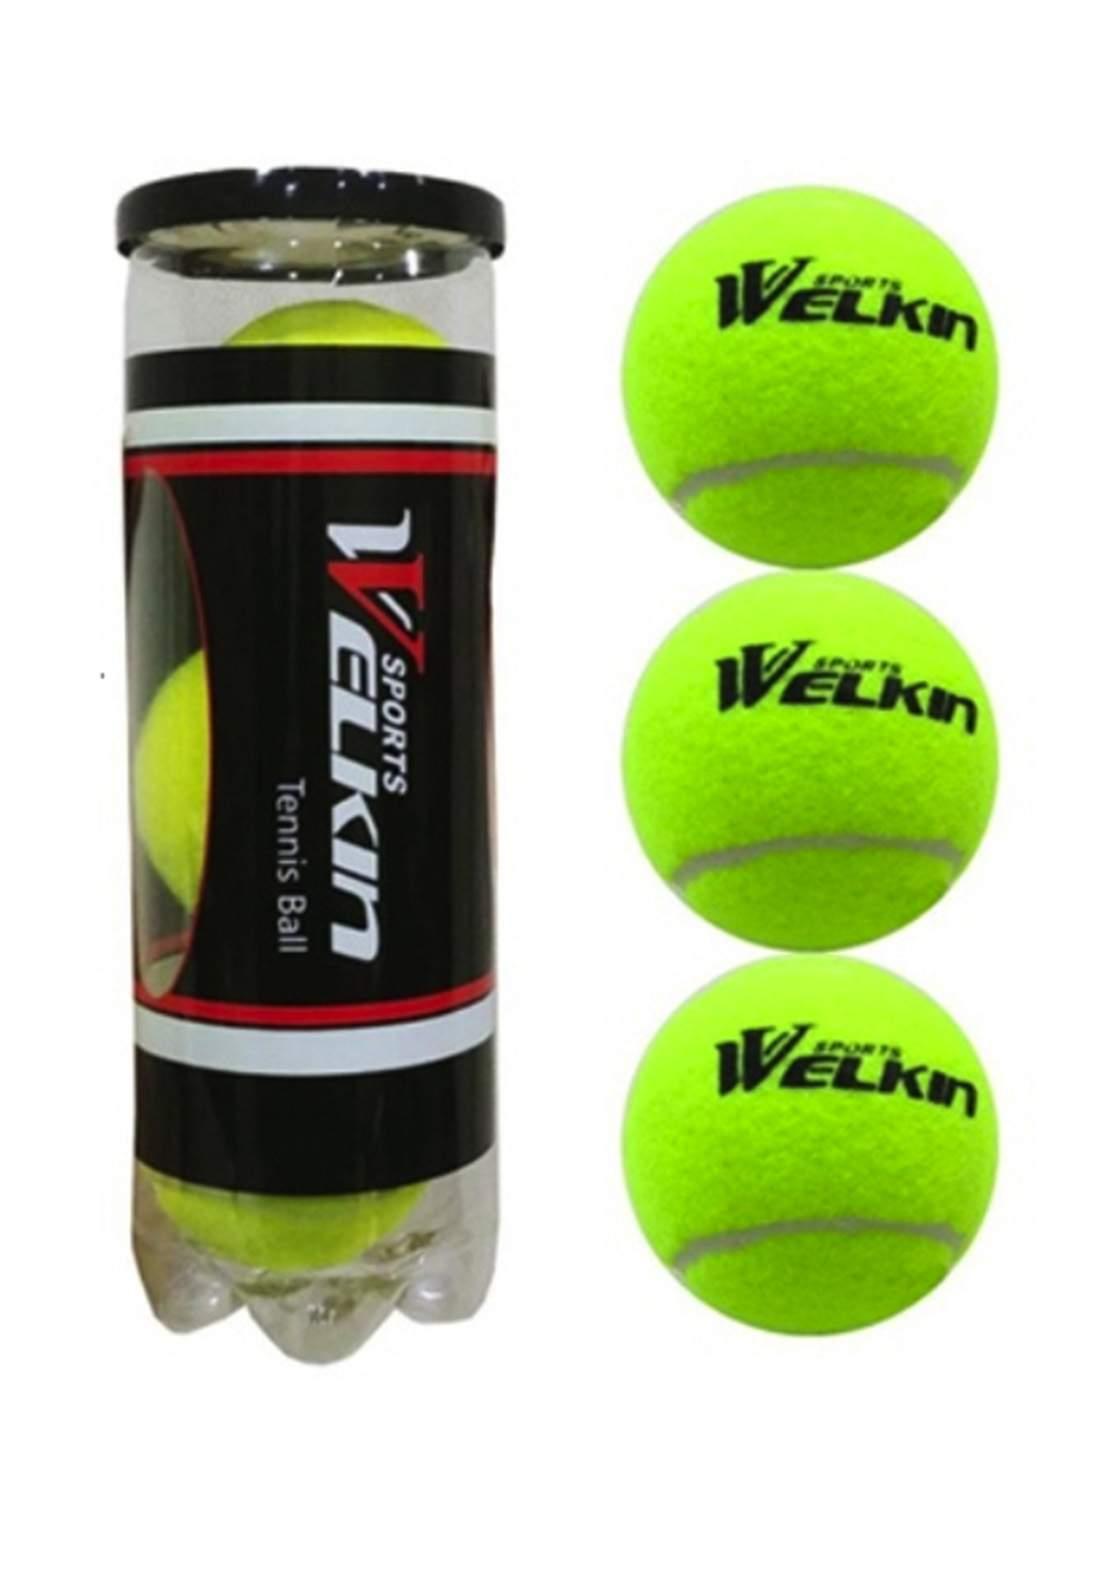 Welkin Tennis Ball Set 3 Pcs سيت كرات تنس